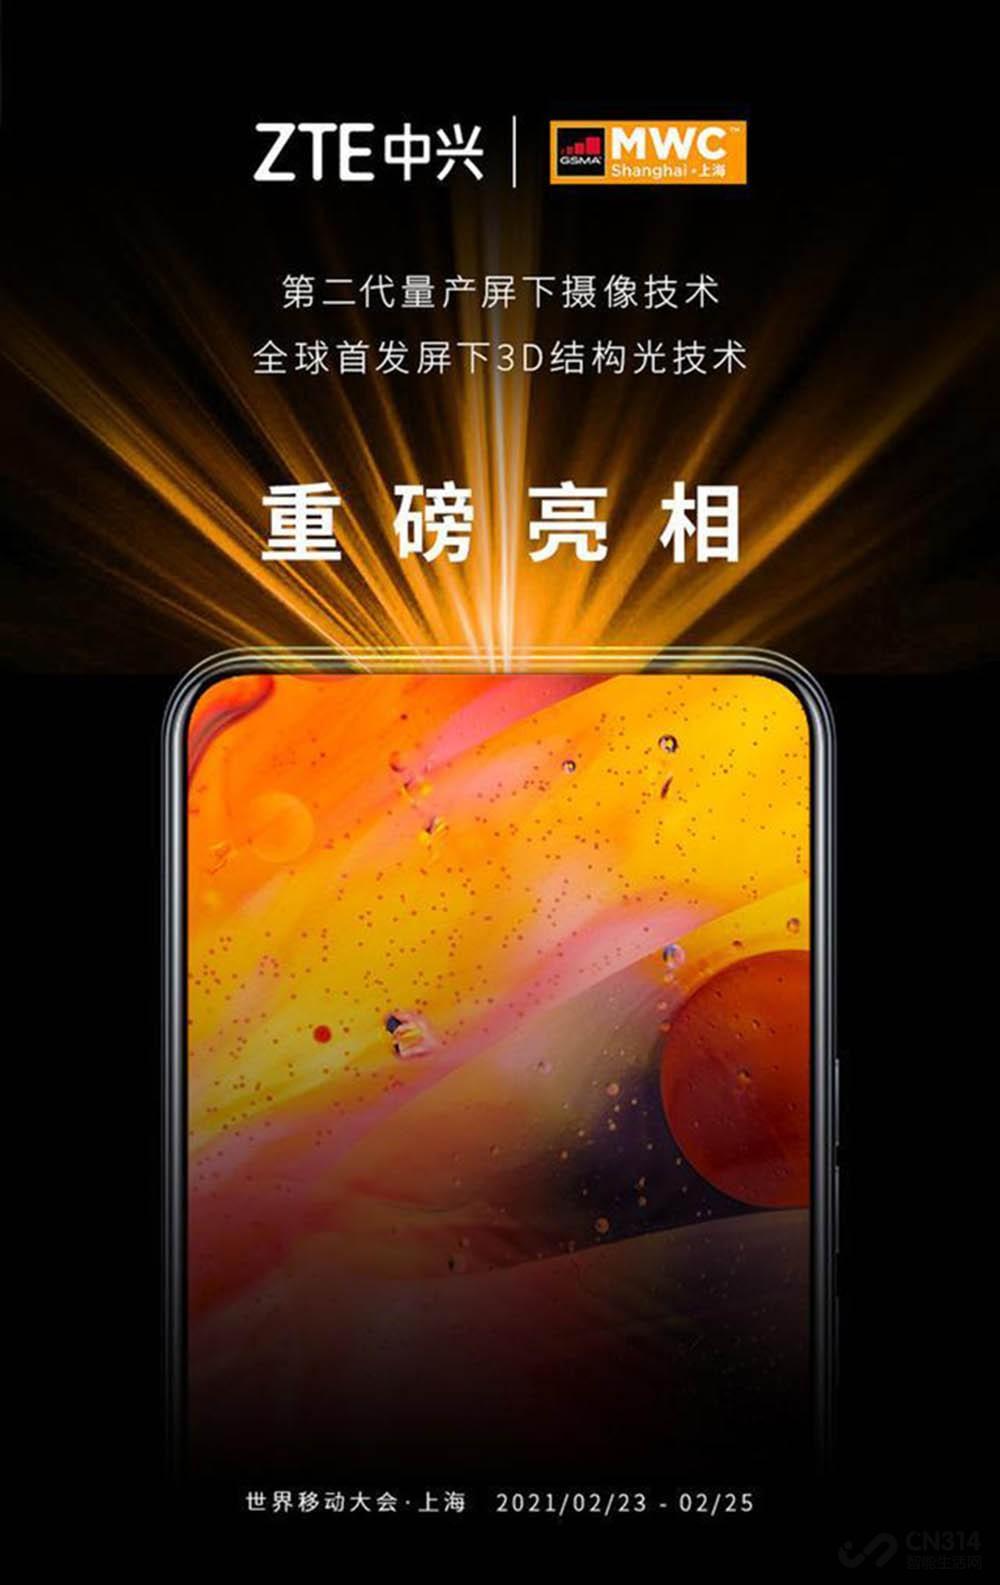 2月底手机圈 MWC大会+红米华为新机发布